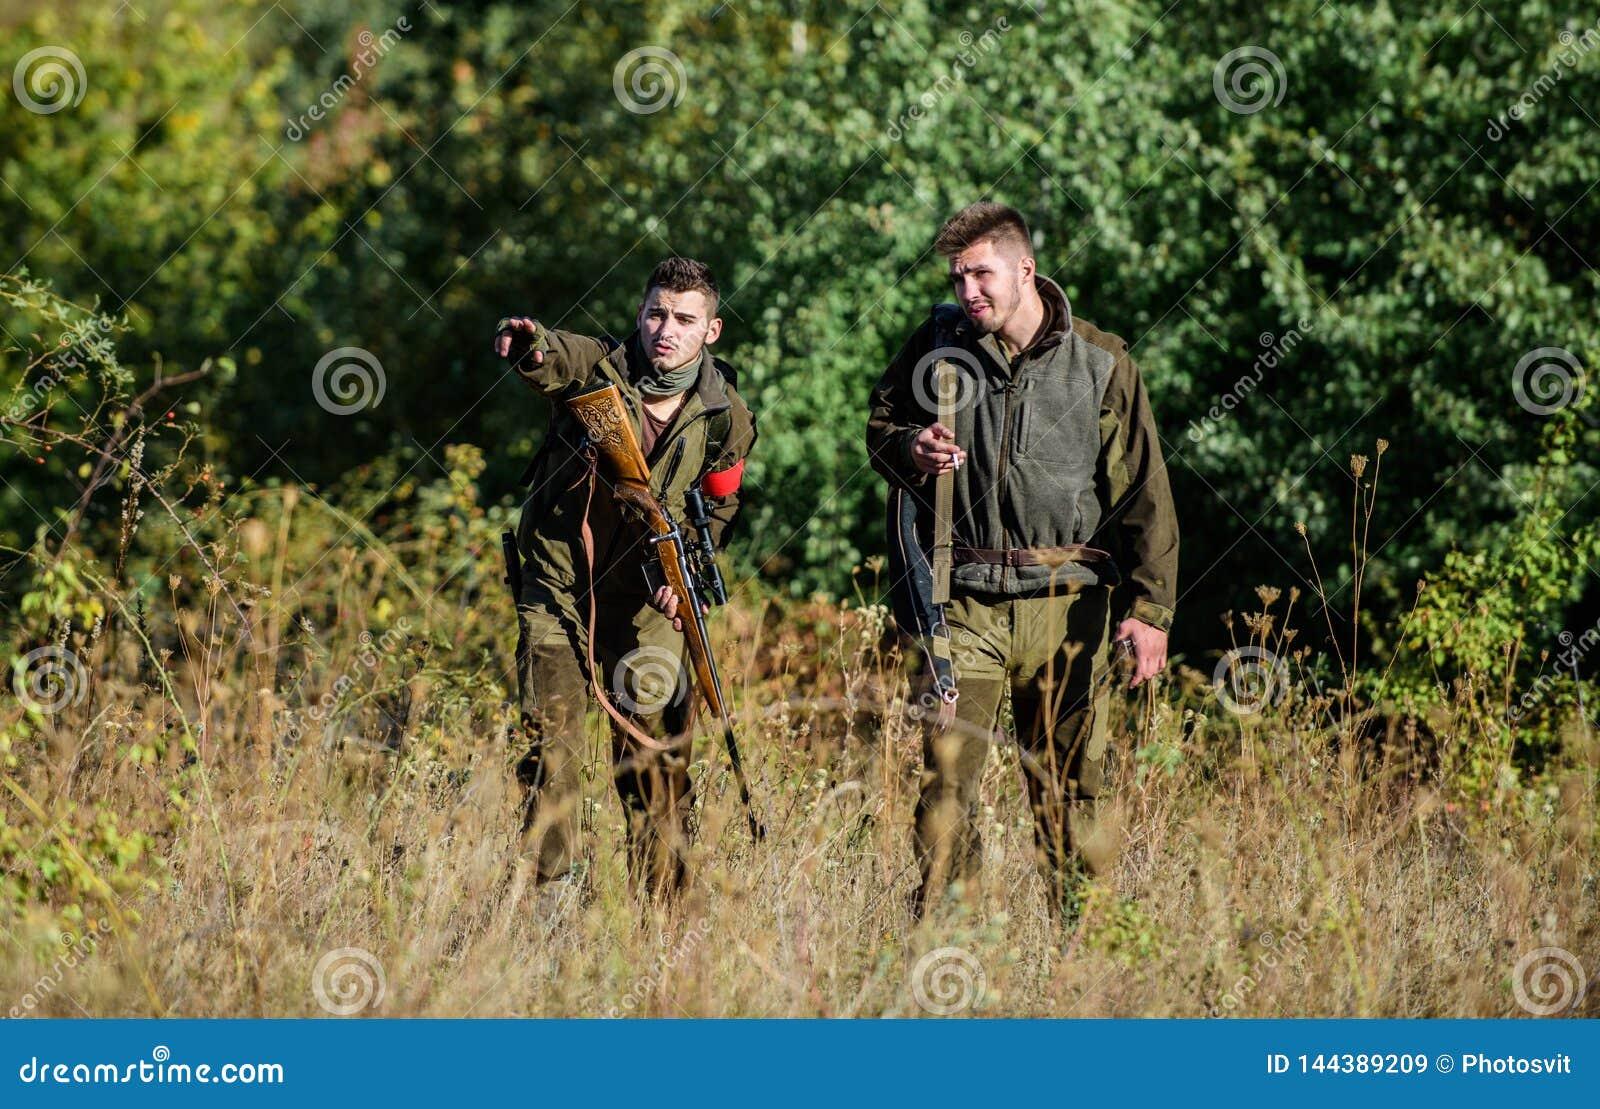 Aktivitet f?r verkligt manbegrepp J?gareskogsvaktare som s?ker efter djuret eller f?geln Jaga med v?nner J?garev?nner